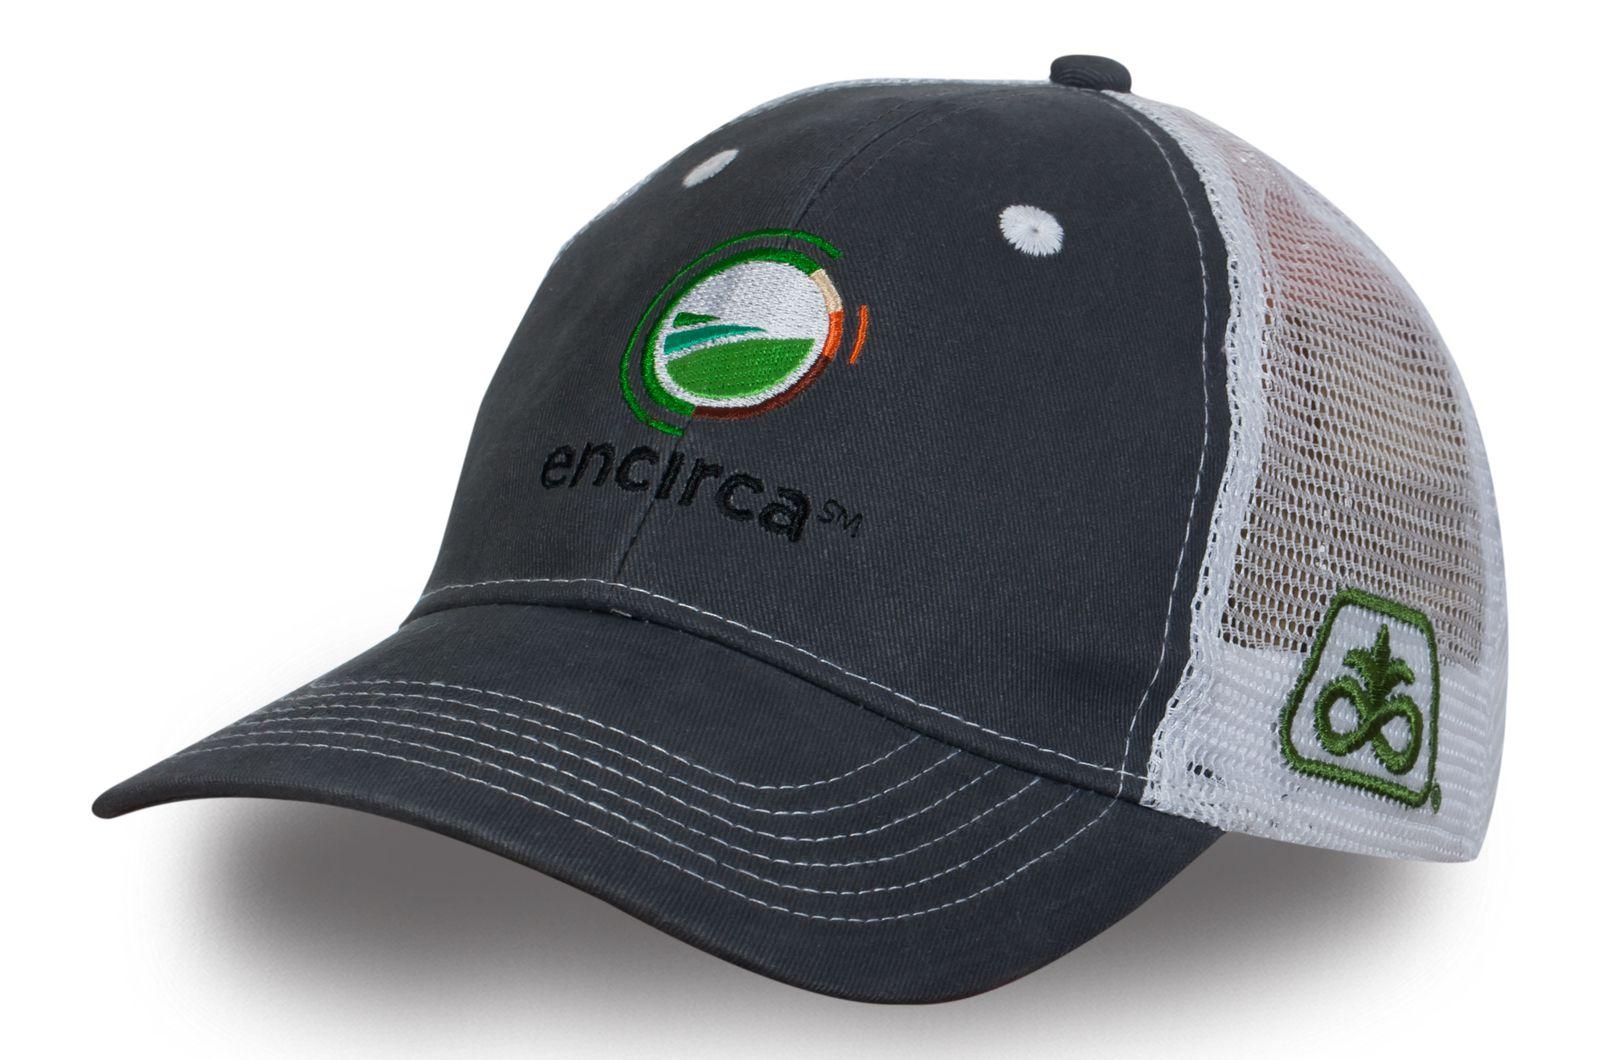 Серая кепка с сеткой - купить в интернет-магазине с доставкой